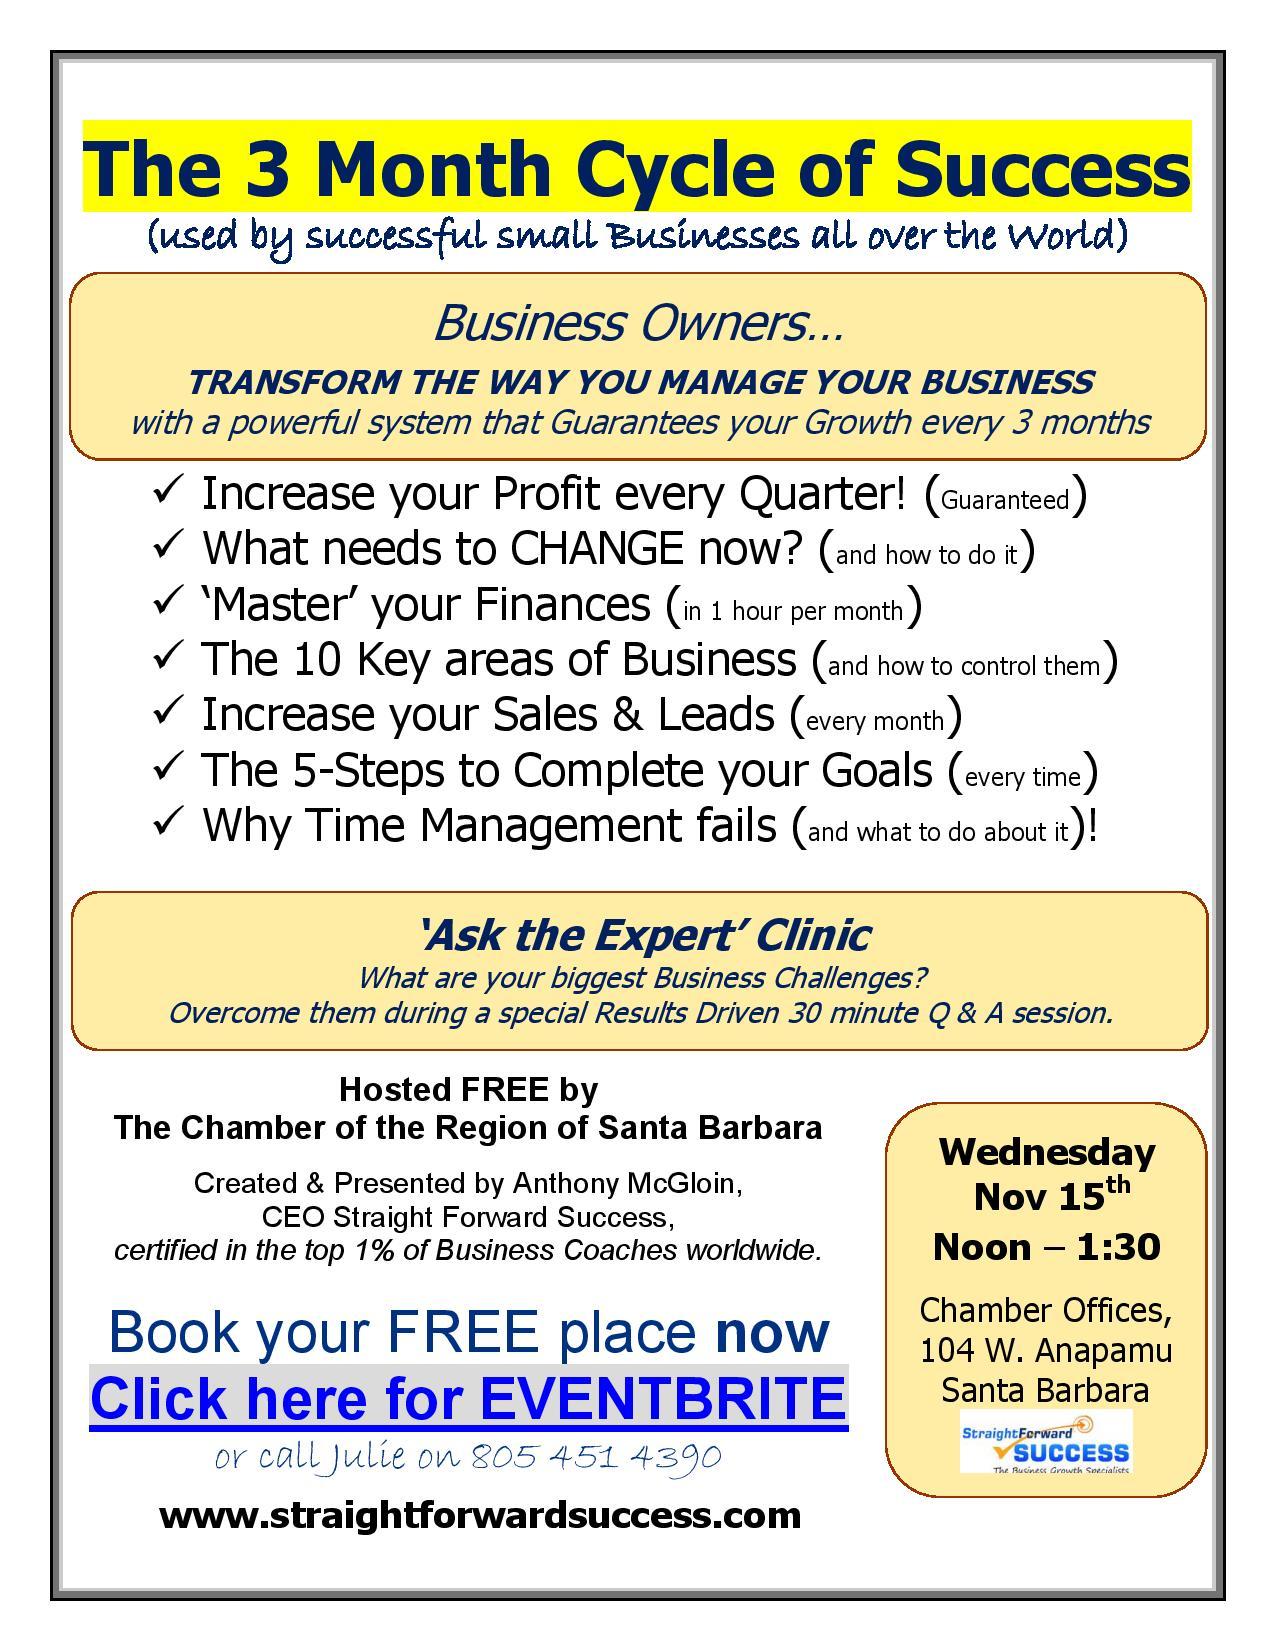 3 month cycle of success Santa Barbara